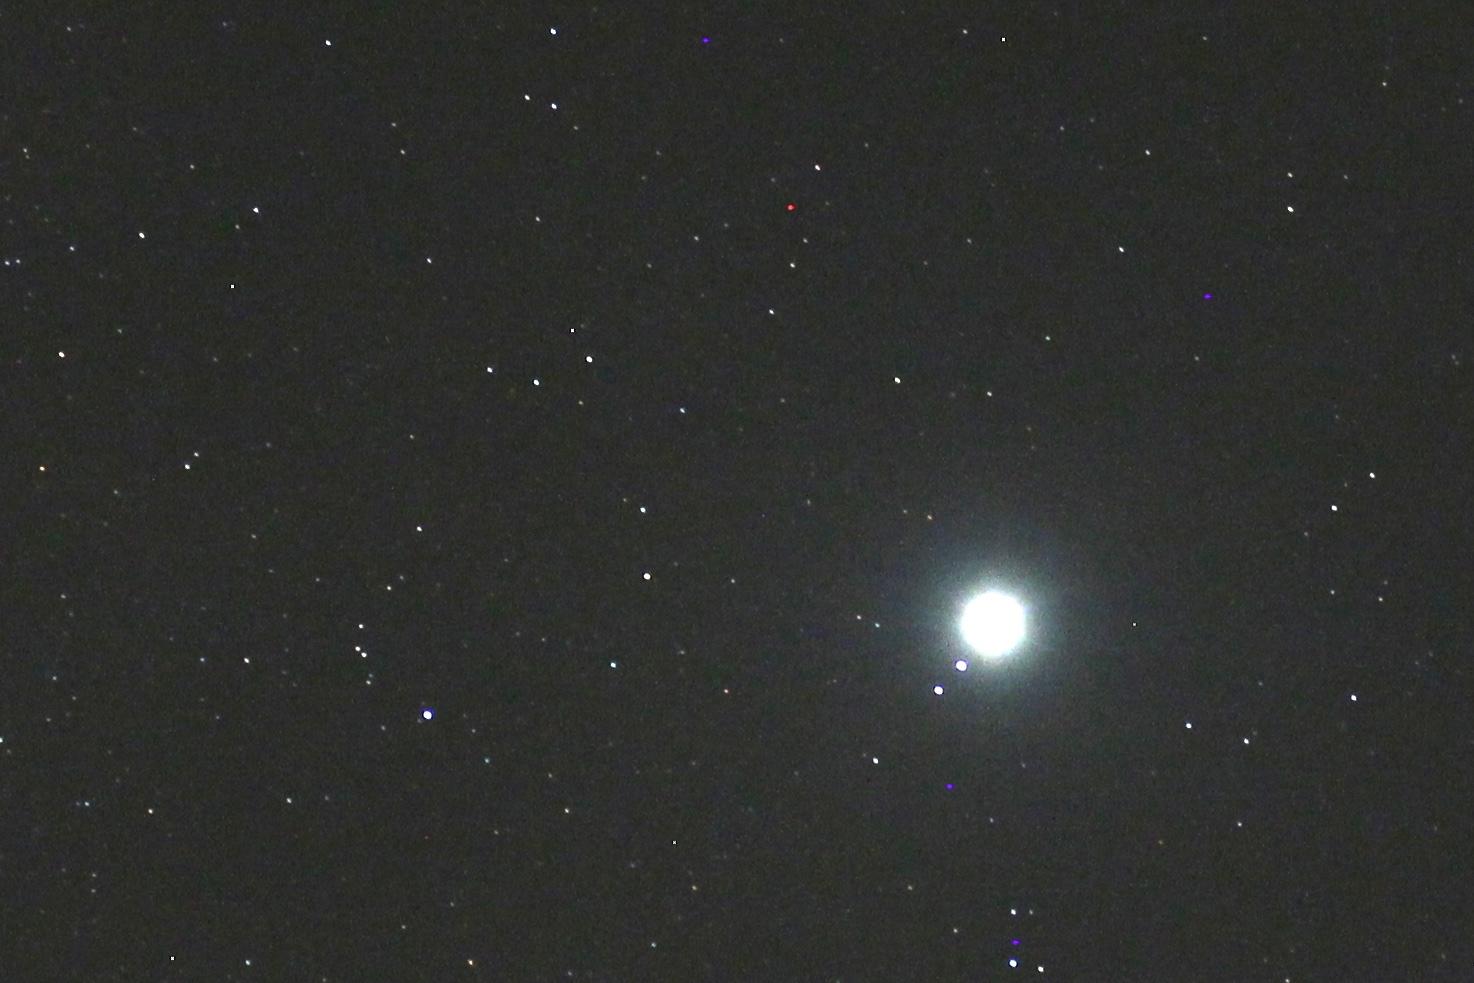 JupiterAndMoons20190428